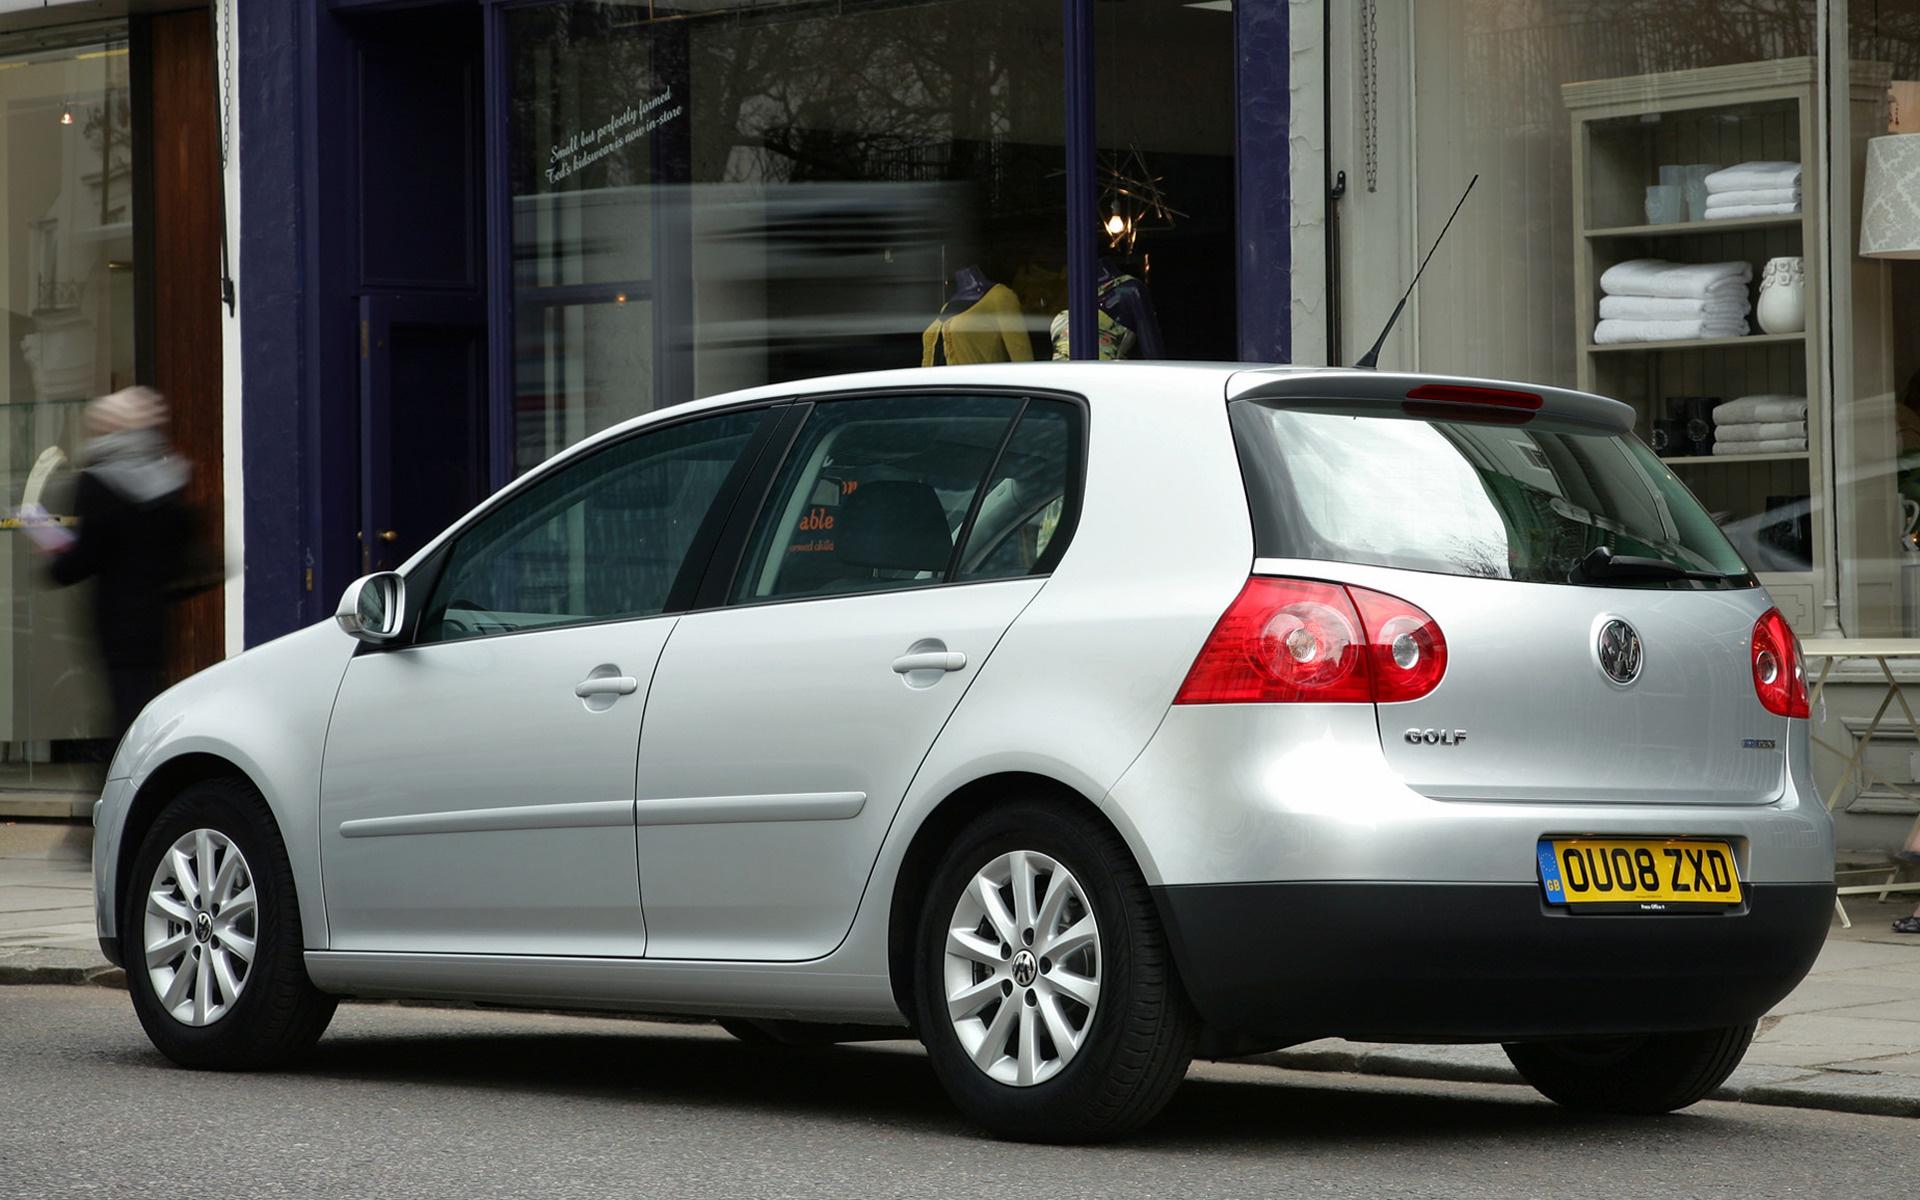 Volkswagen Golf 5-door (2003) UK Wallpapers and HD Images - Car Pixel